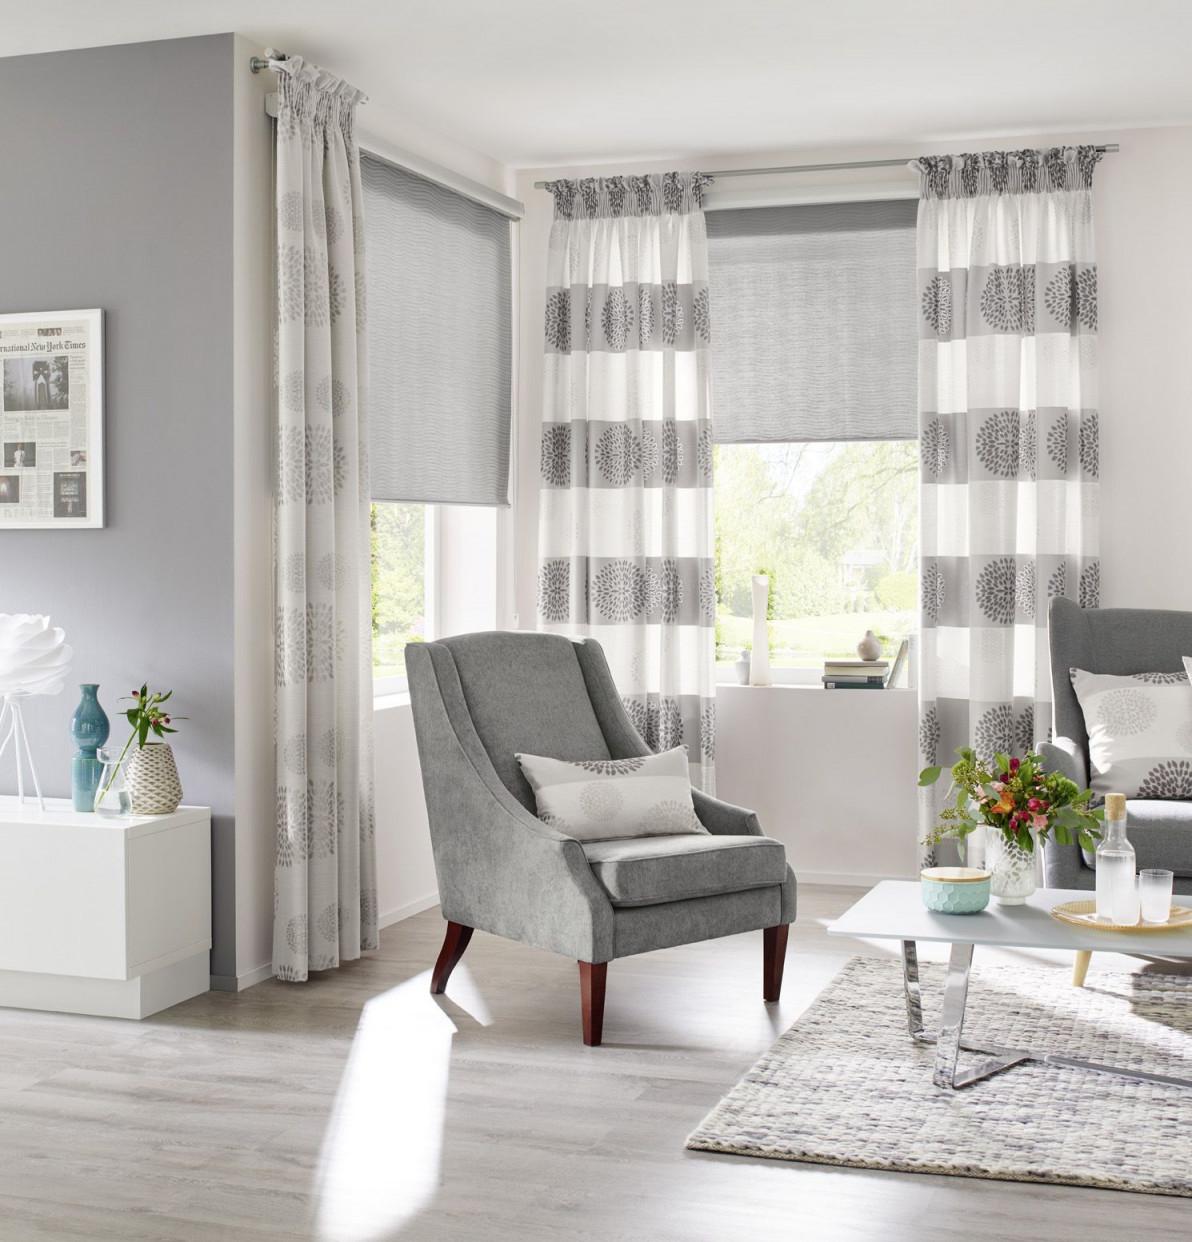 Fenster Globe Gardinen Dekostoffe Vorhang Wohnstoffe von Gardinen Dekorationsvorschläge Wohnzimmer Modern Photo